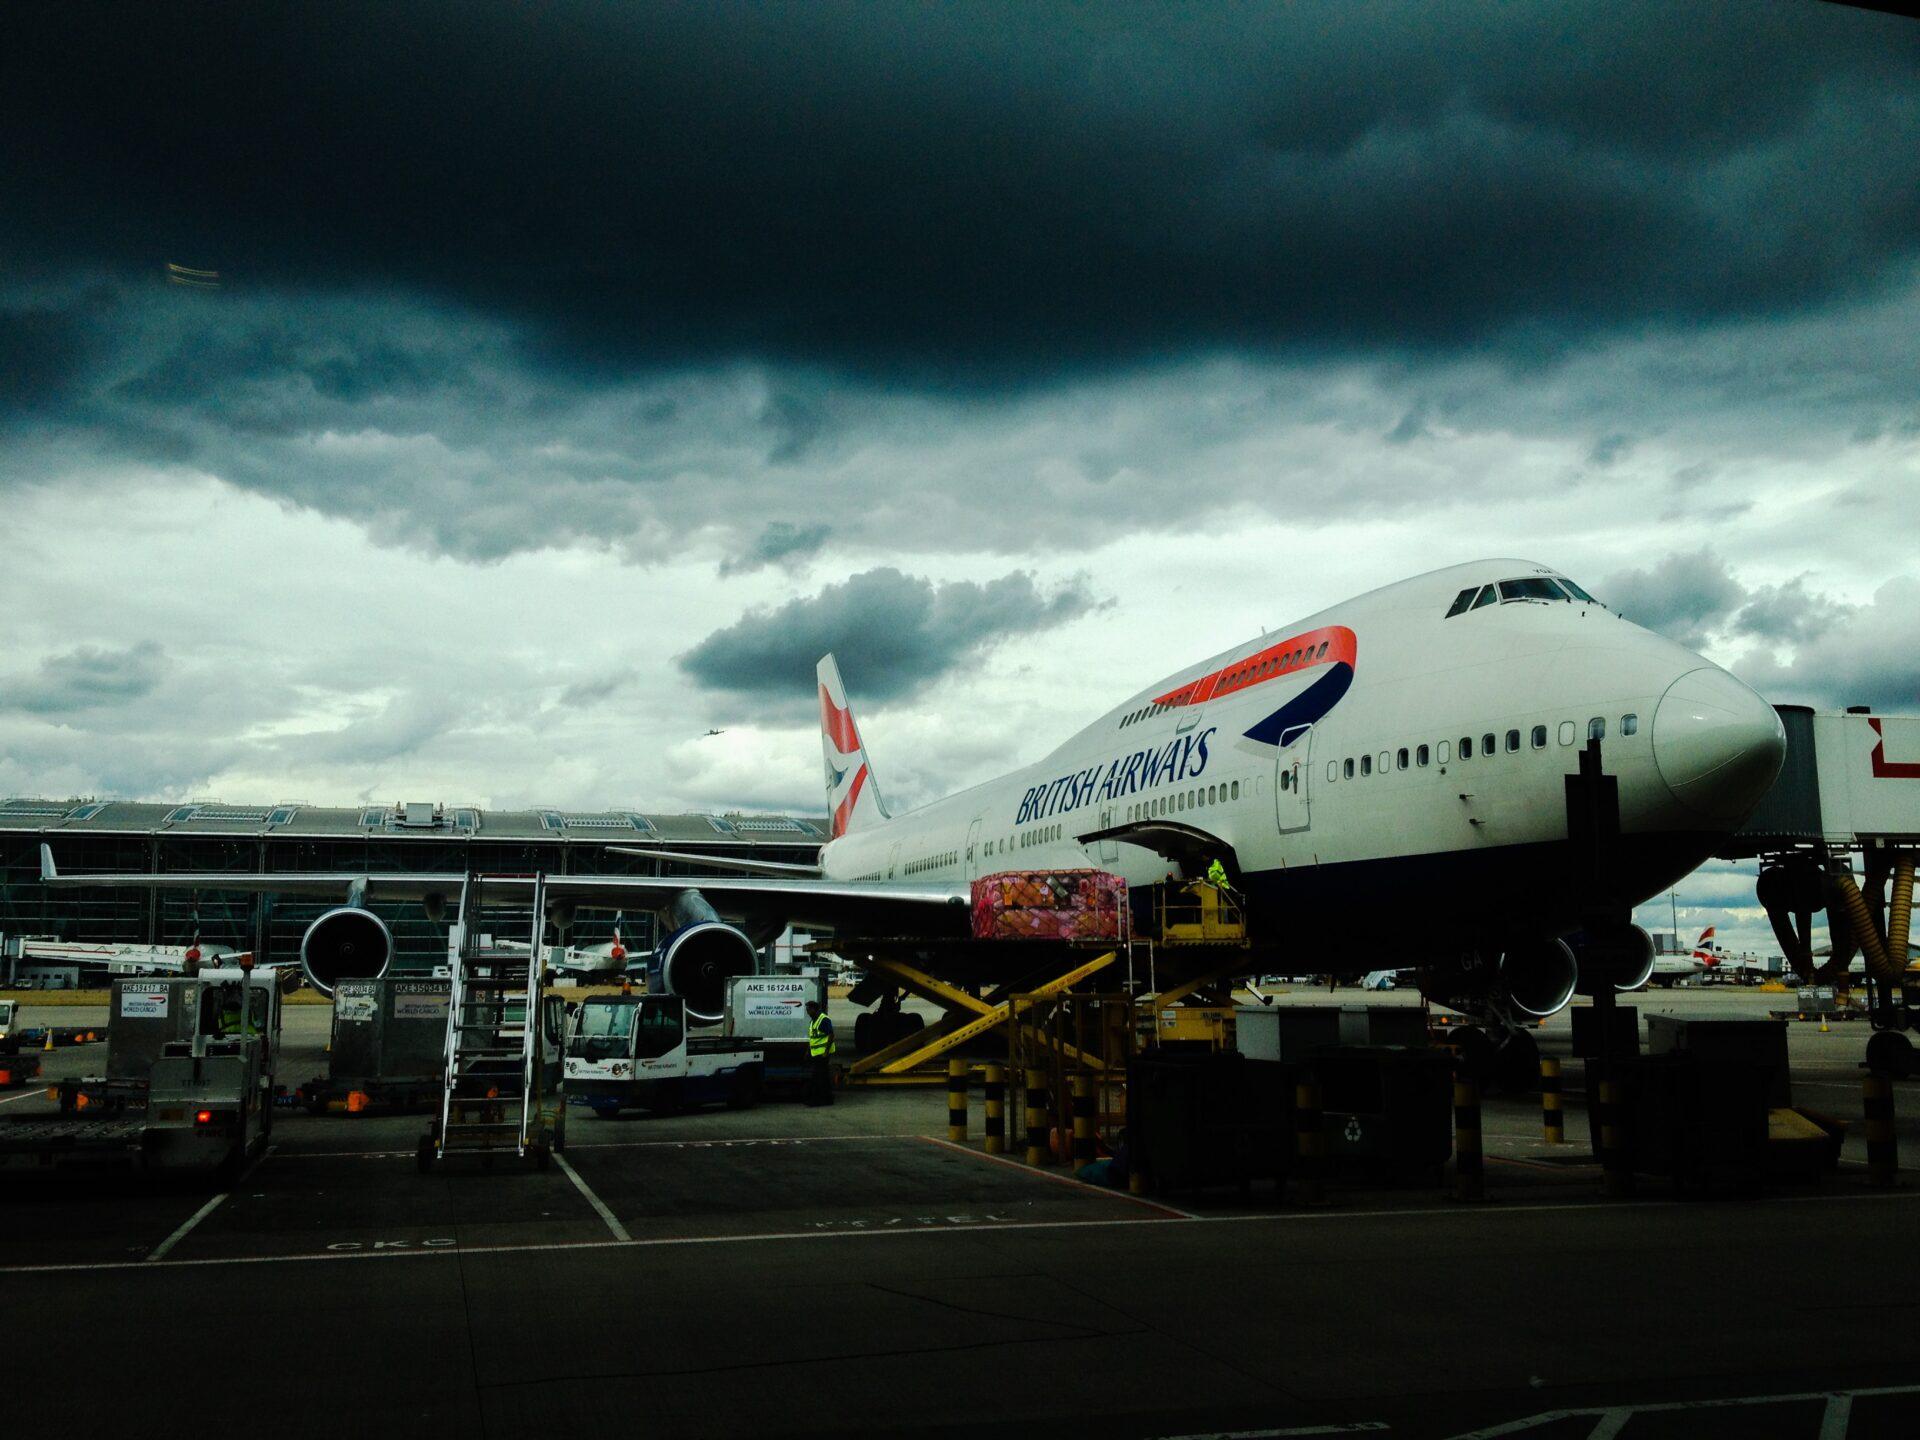 British Airways Data Breach; plane parked under dark and stormy sky.